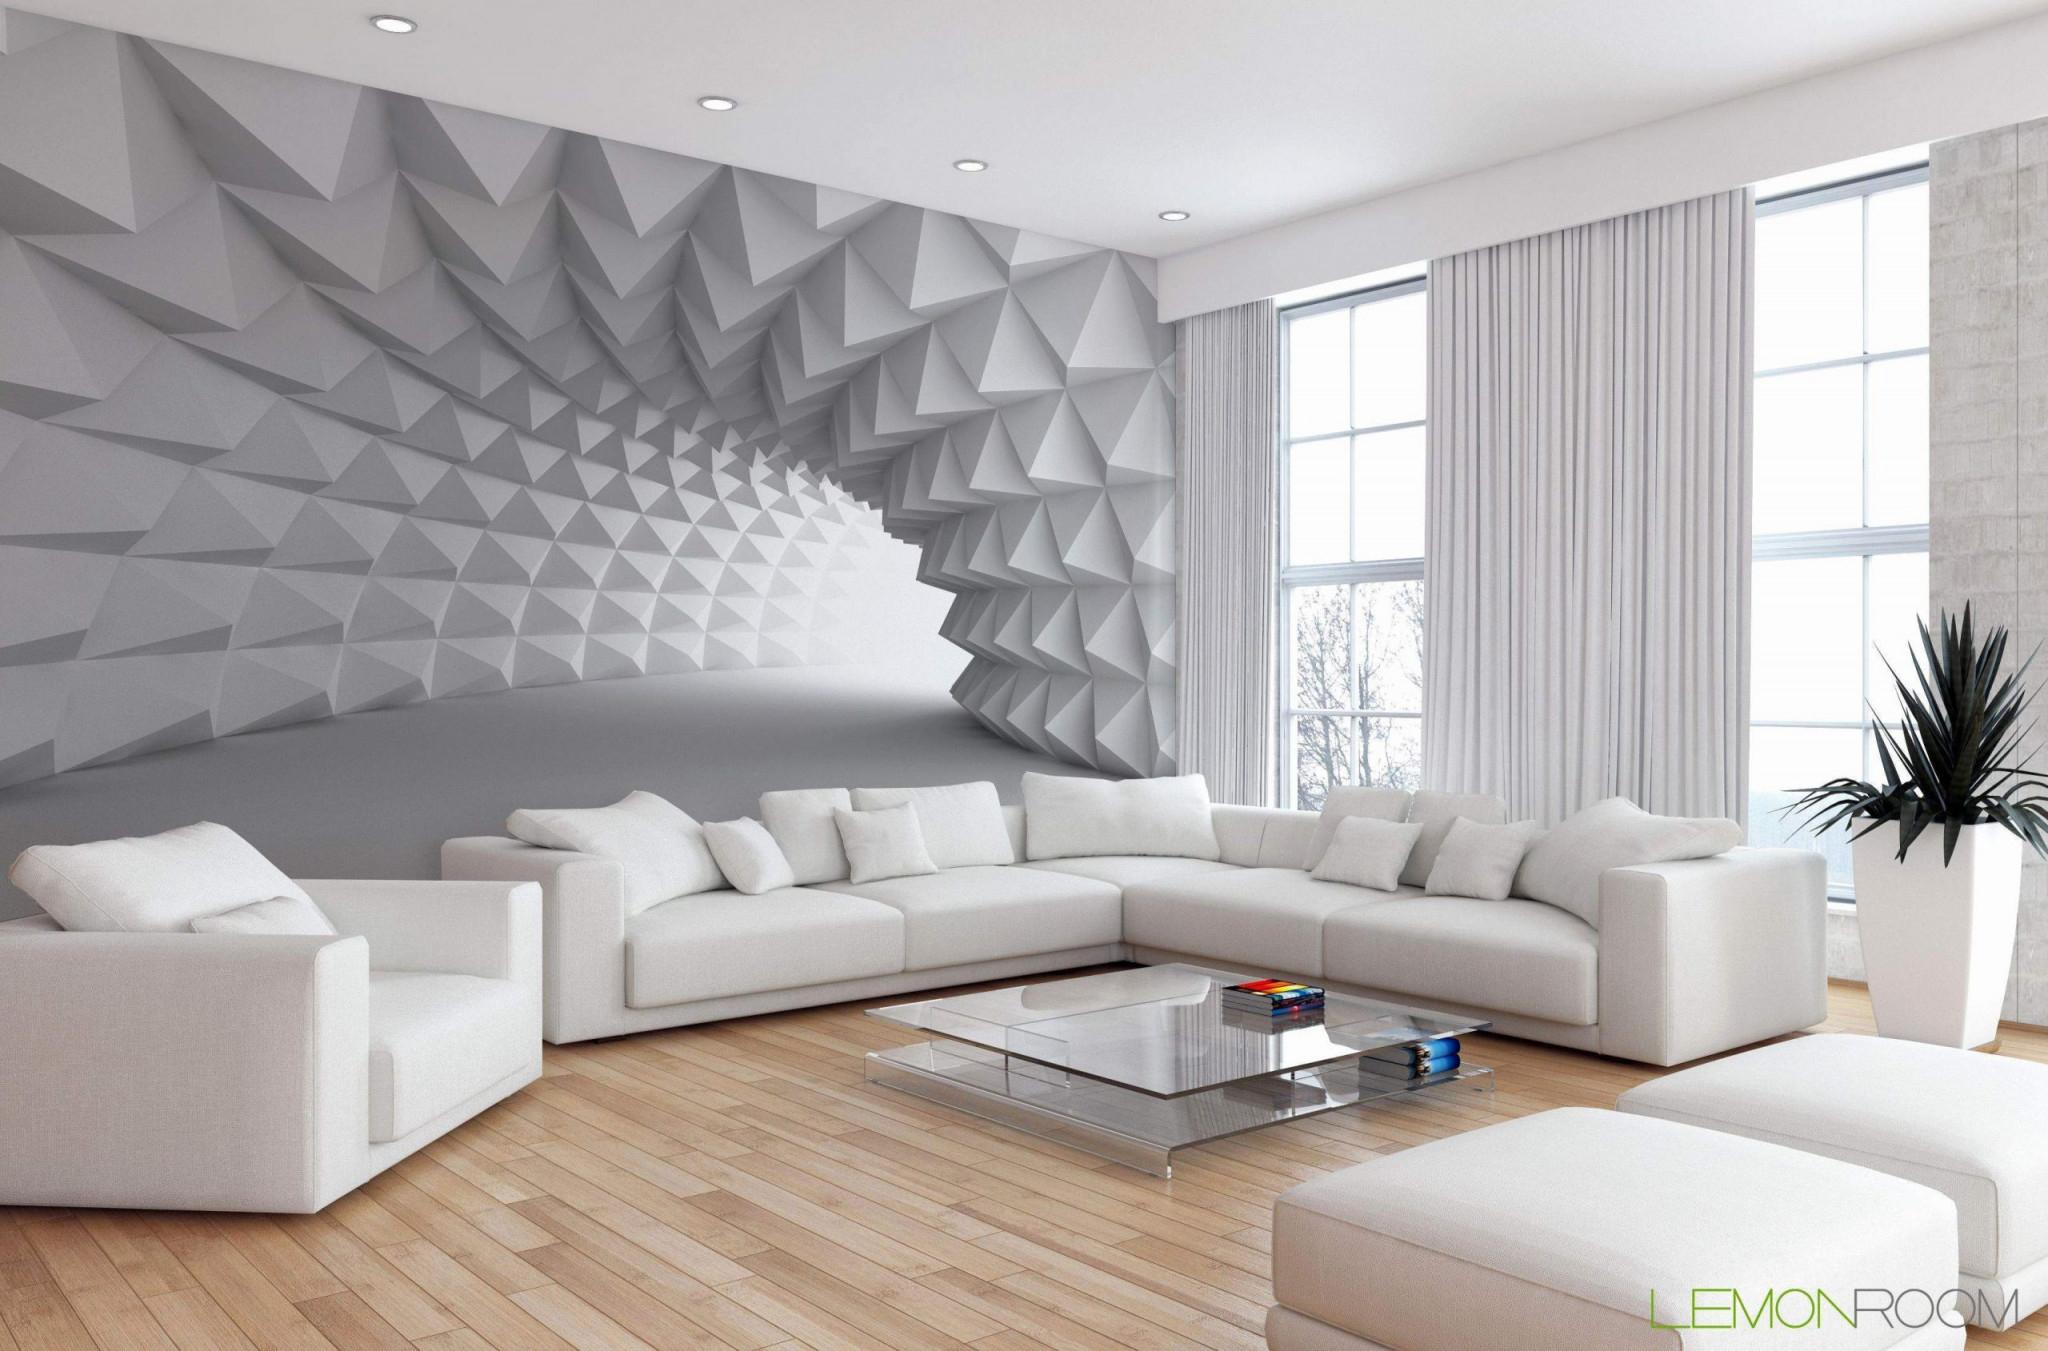 Fototapete Wohnzimmer 3D Das Beste Von 32 Frisch Tapeten von Tapeten Wohnzimmer 3D Bild